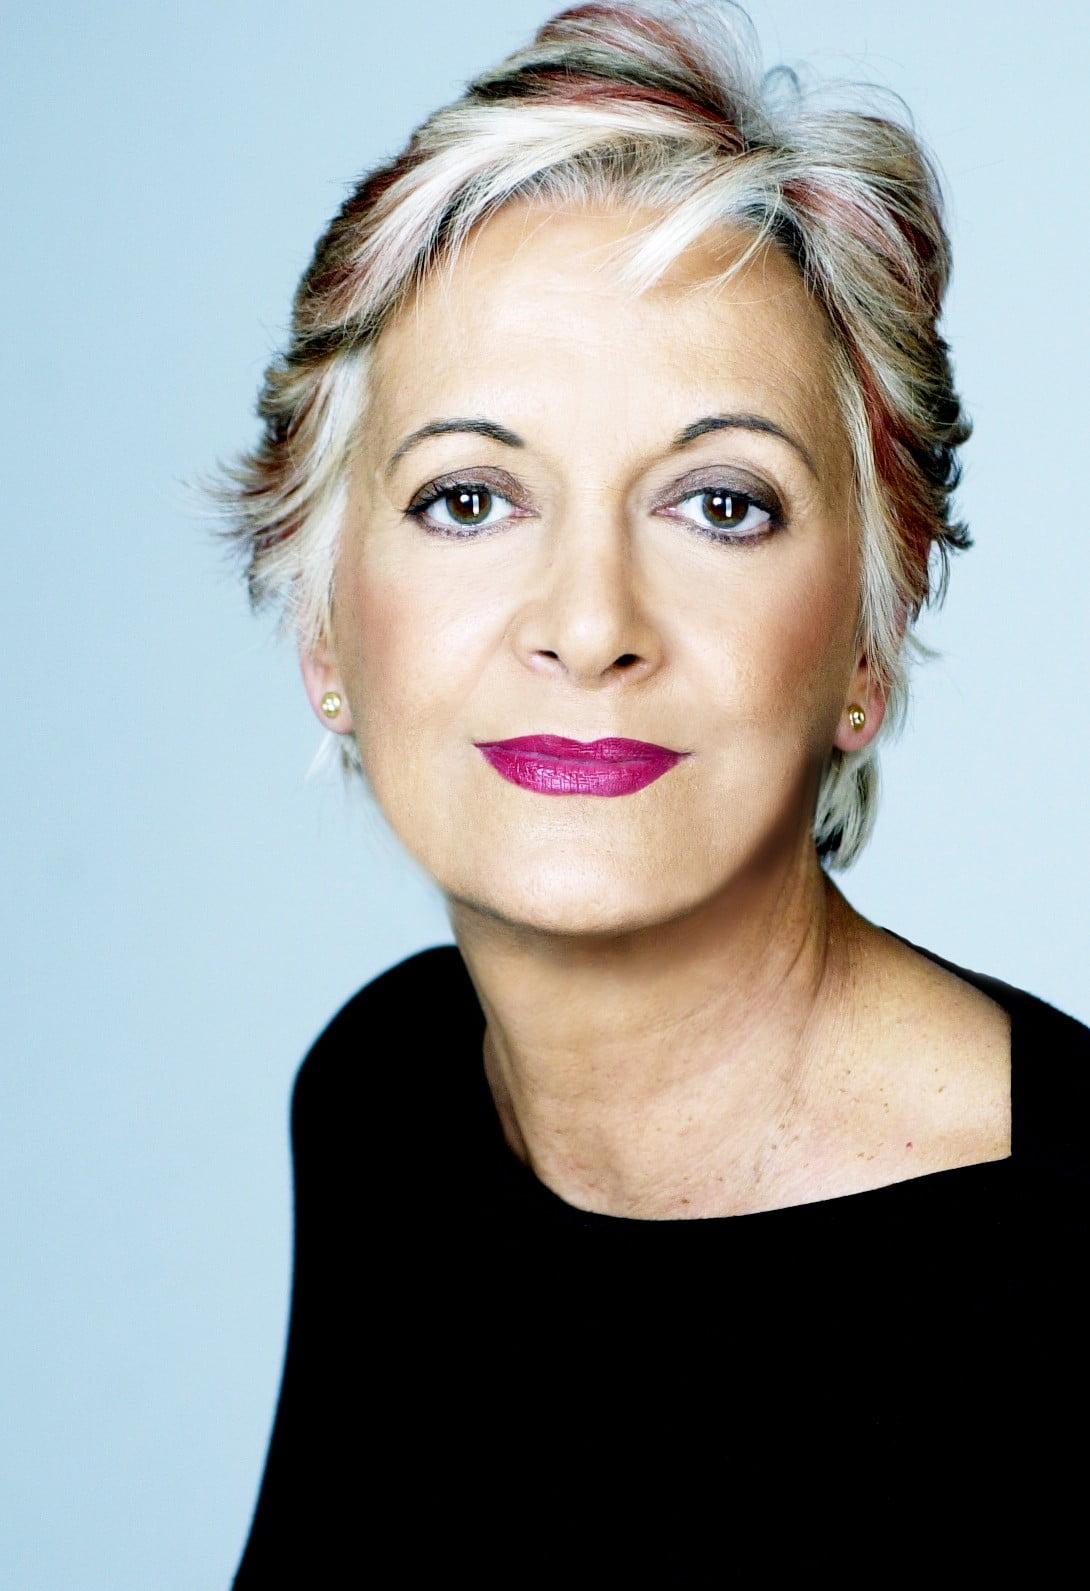 Dra. Manuela Velázquez Prieto